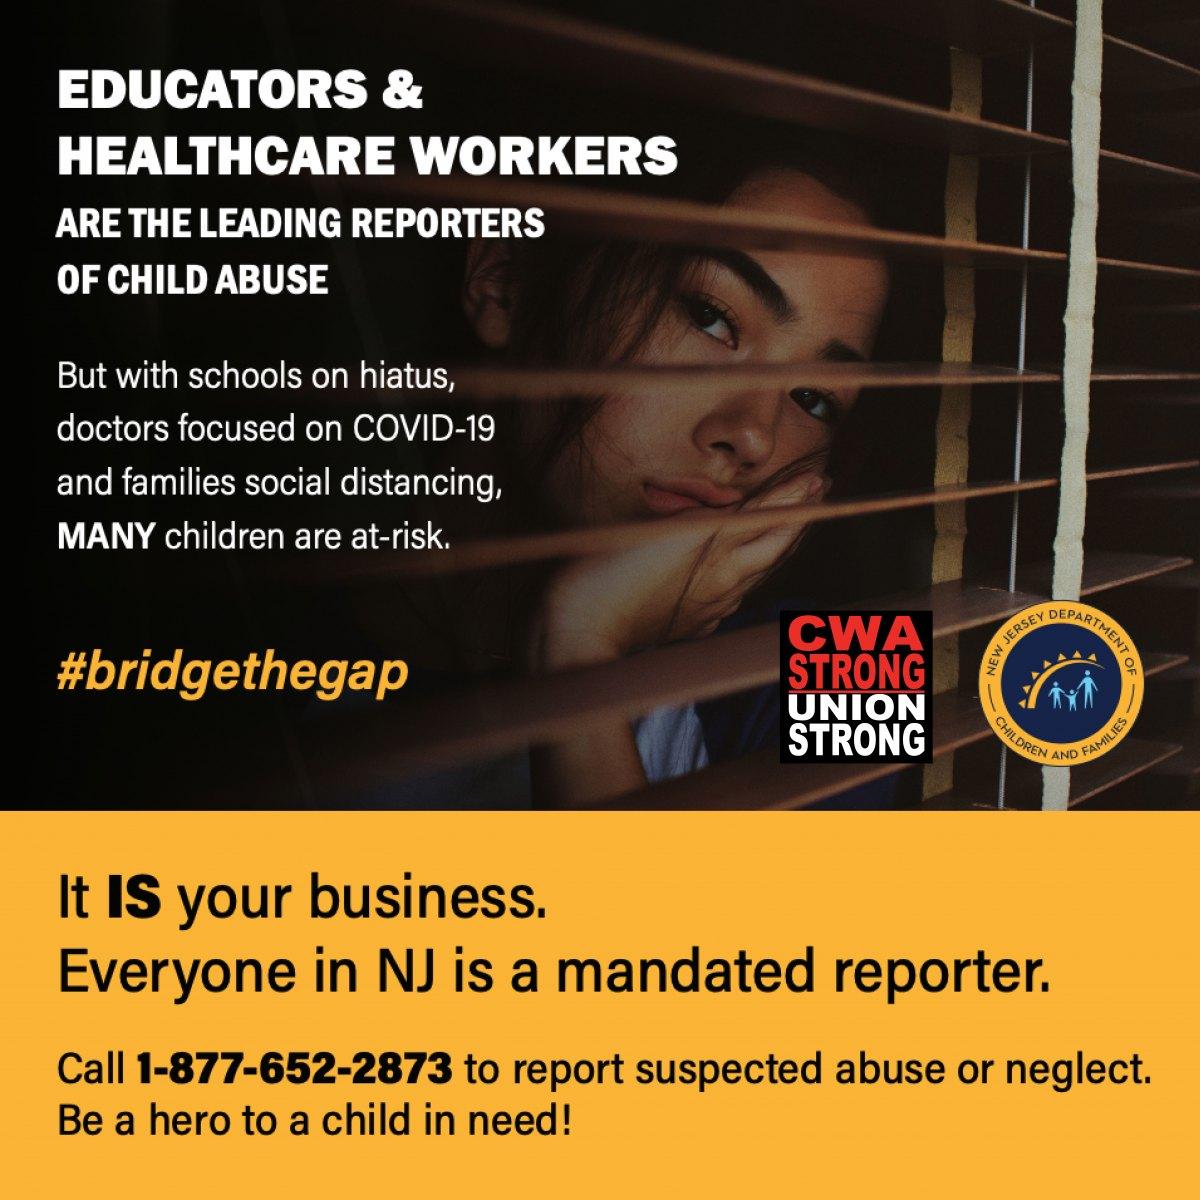 CHILD.ABUSE.PREVENTION-EDUCATORS.HEALTHCARE CWA DCF